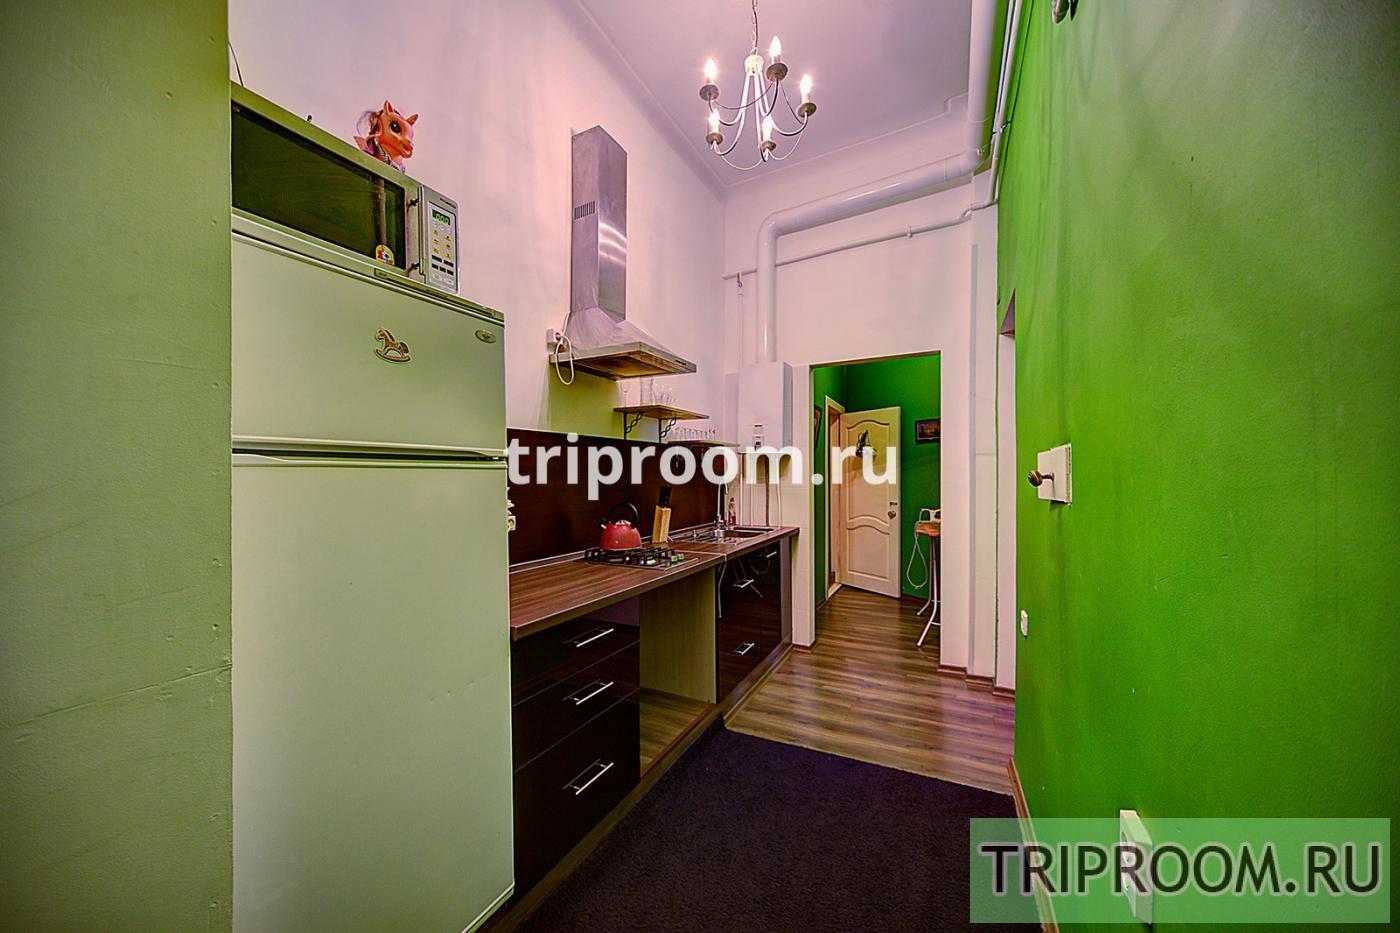 1-комнатная квартира посуточно (вариант № 15424), ул. Итальянская улица, фото № 8